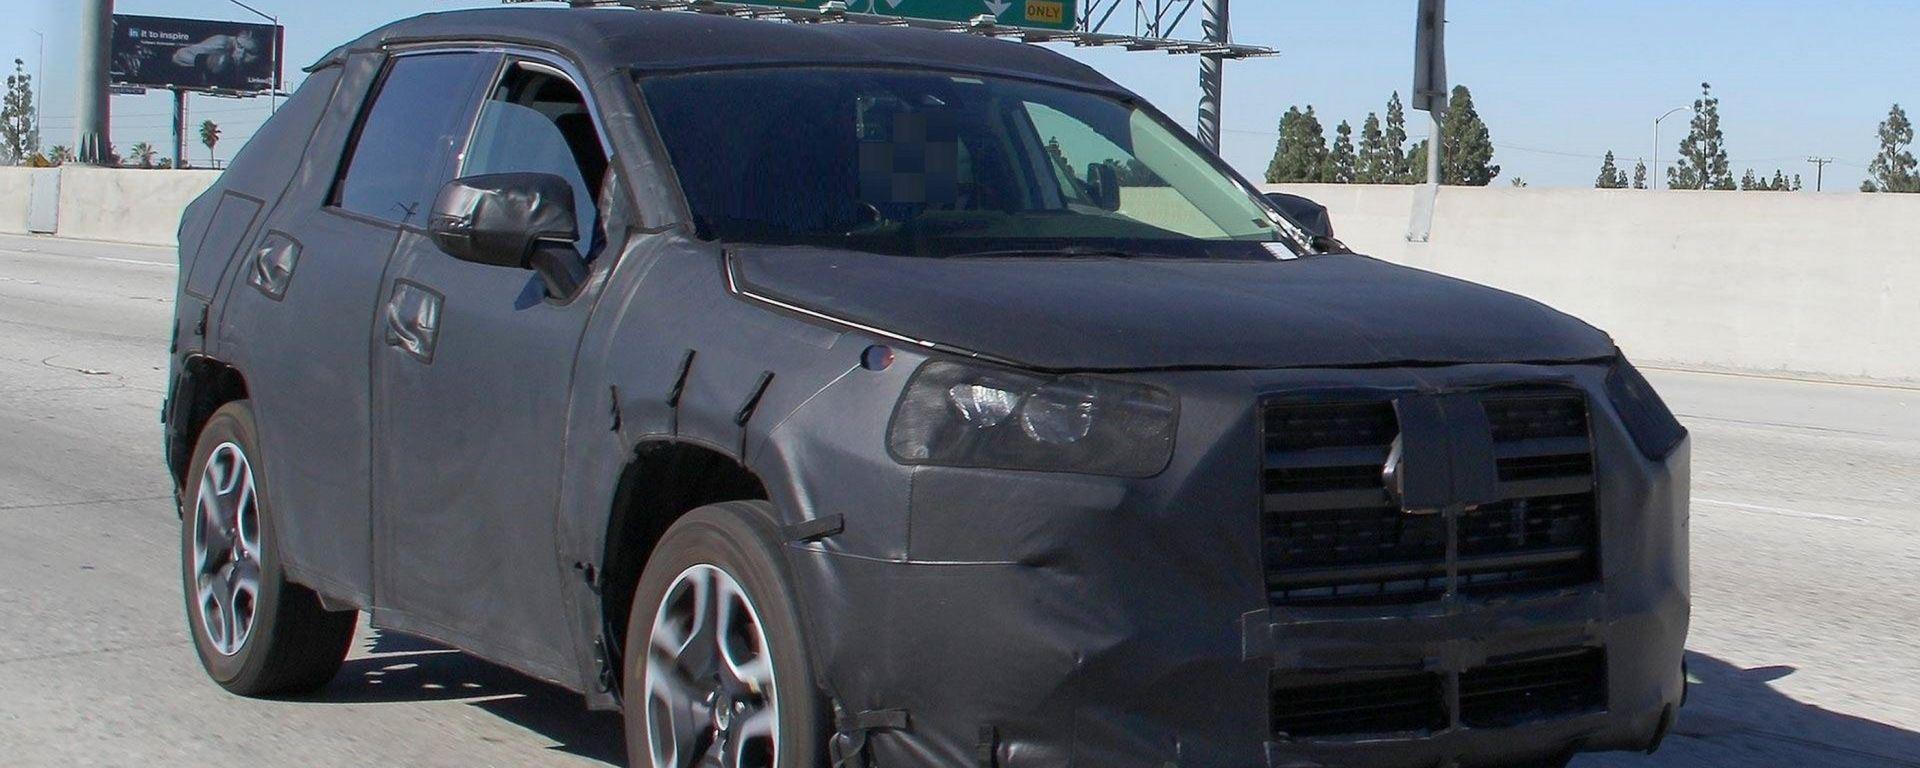 Nuova Toyota RAV4 2019: ecco la foto spia del SUV Toyota